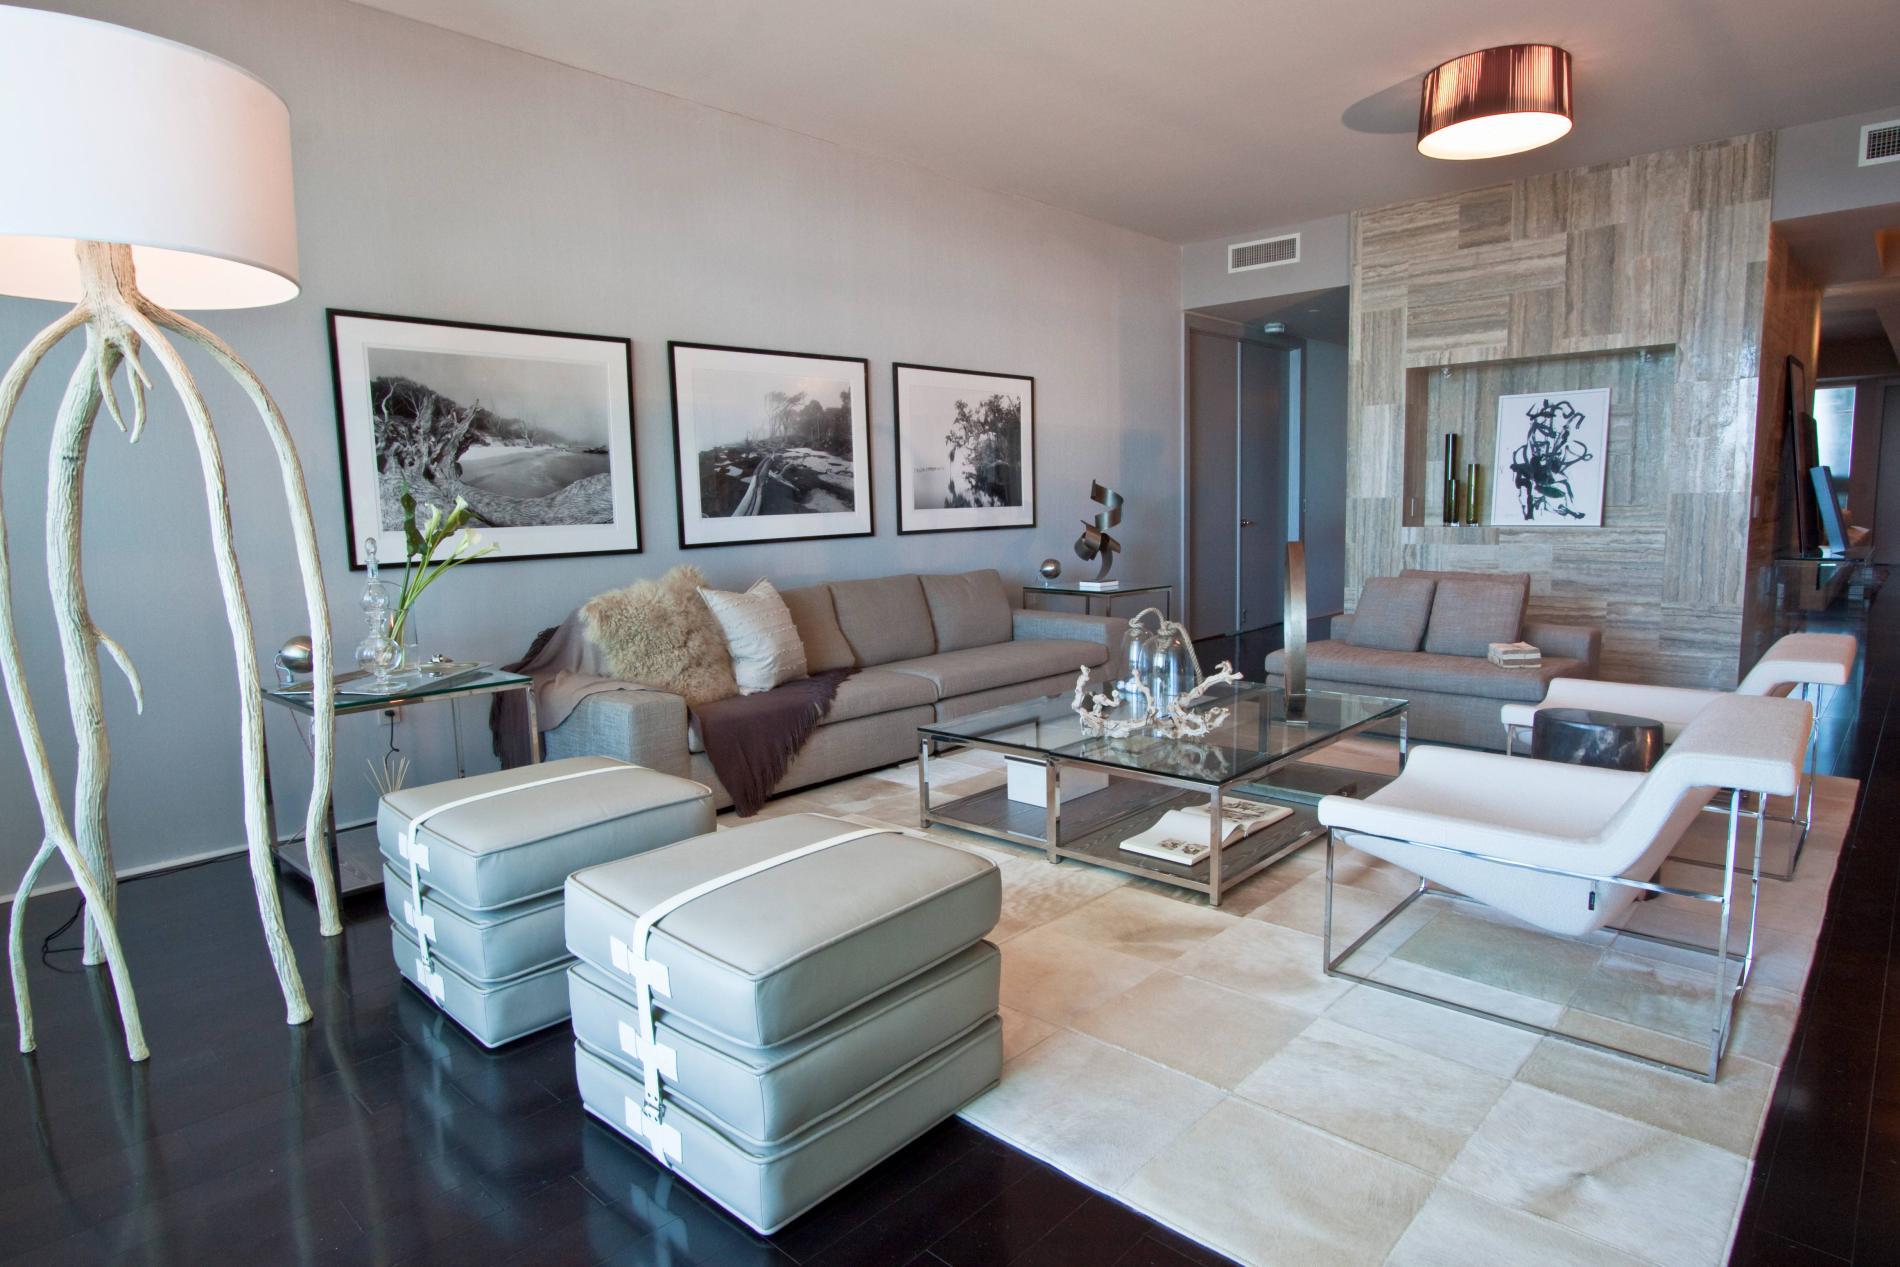 современная гостиная дизайн интерьера.jpg